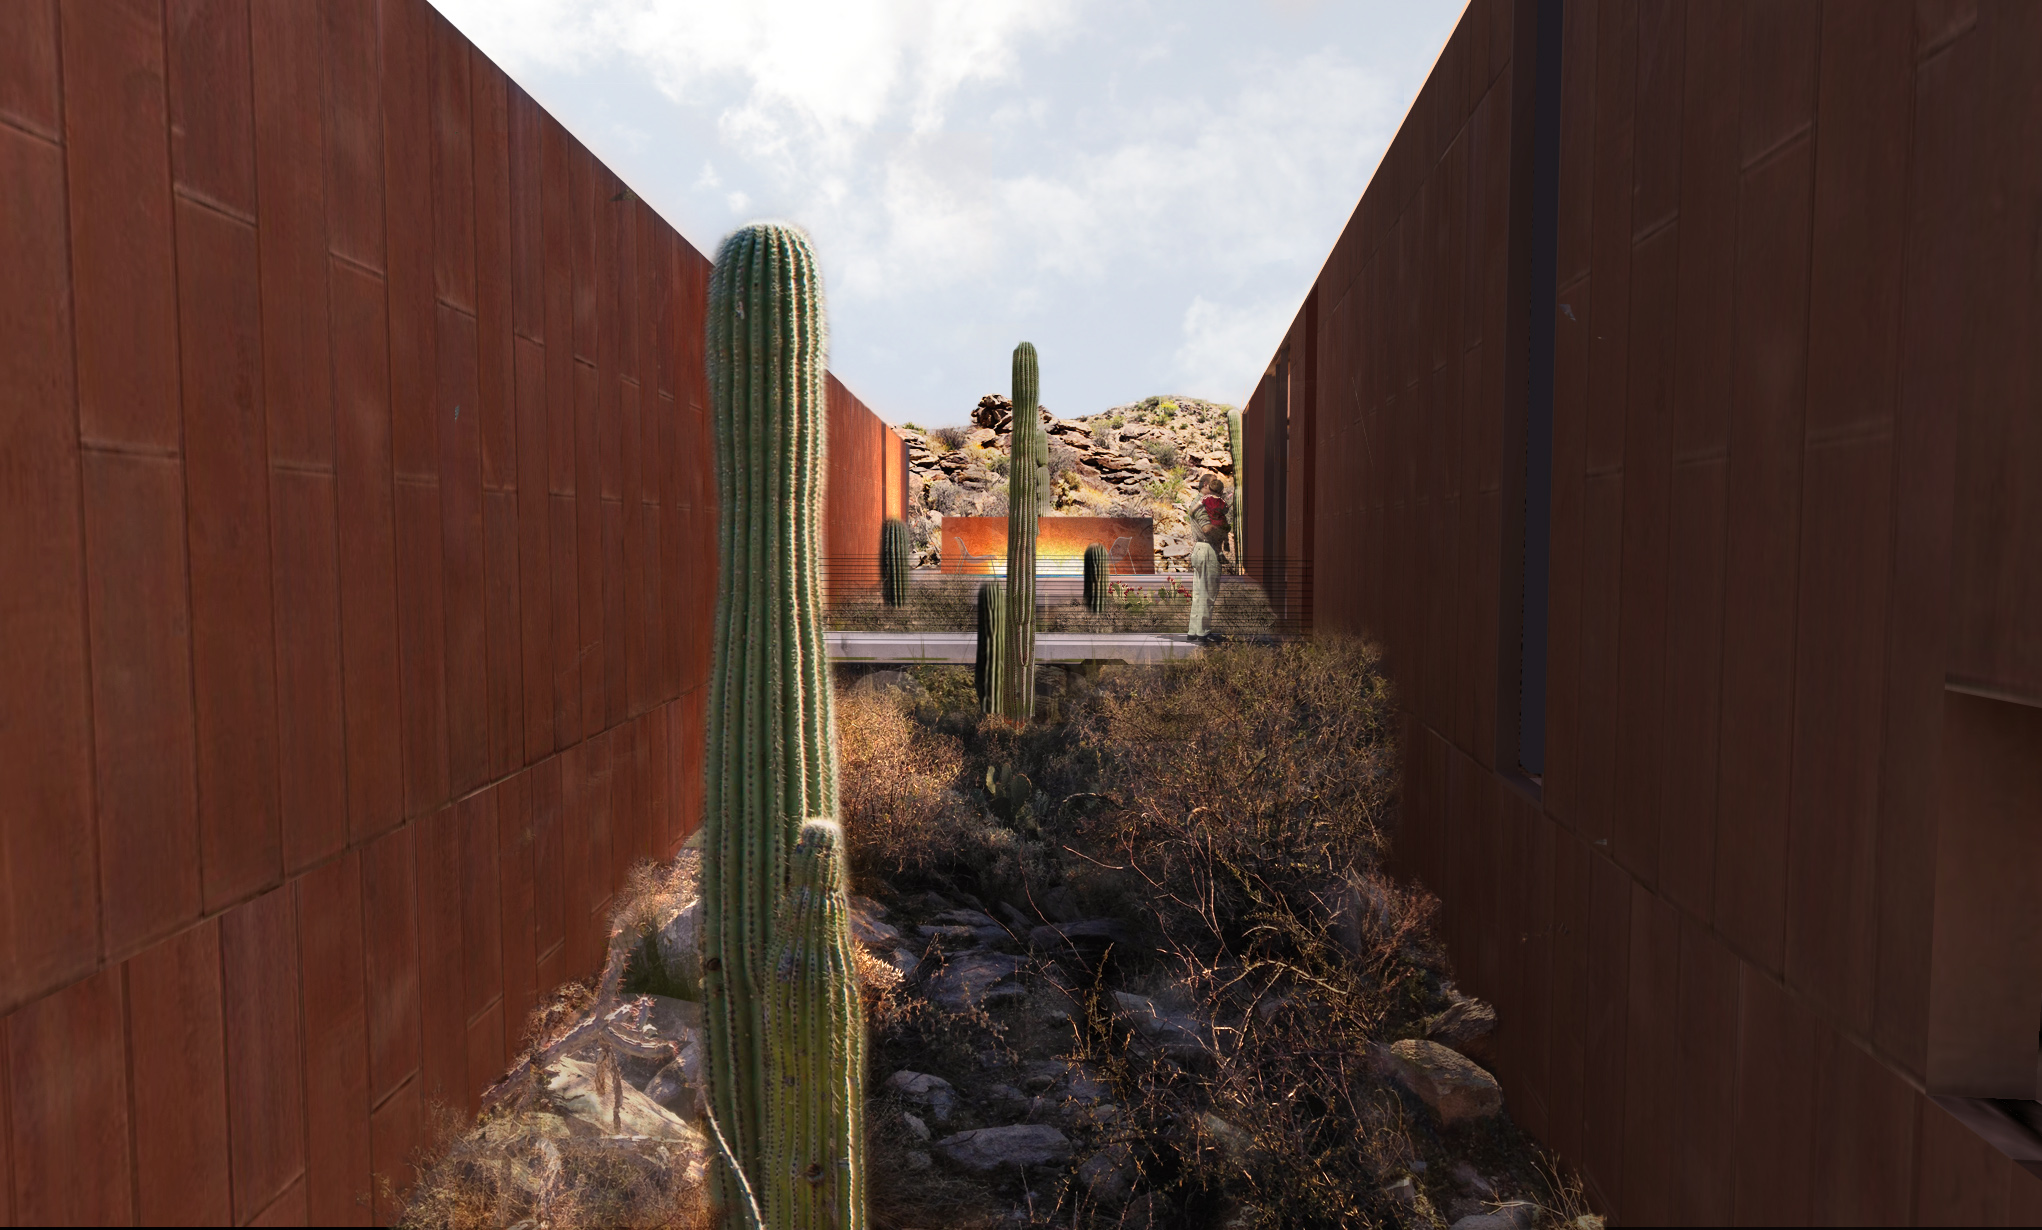 Spindt Residence: Marana, Arizona